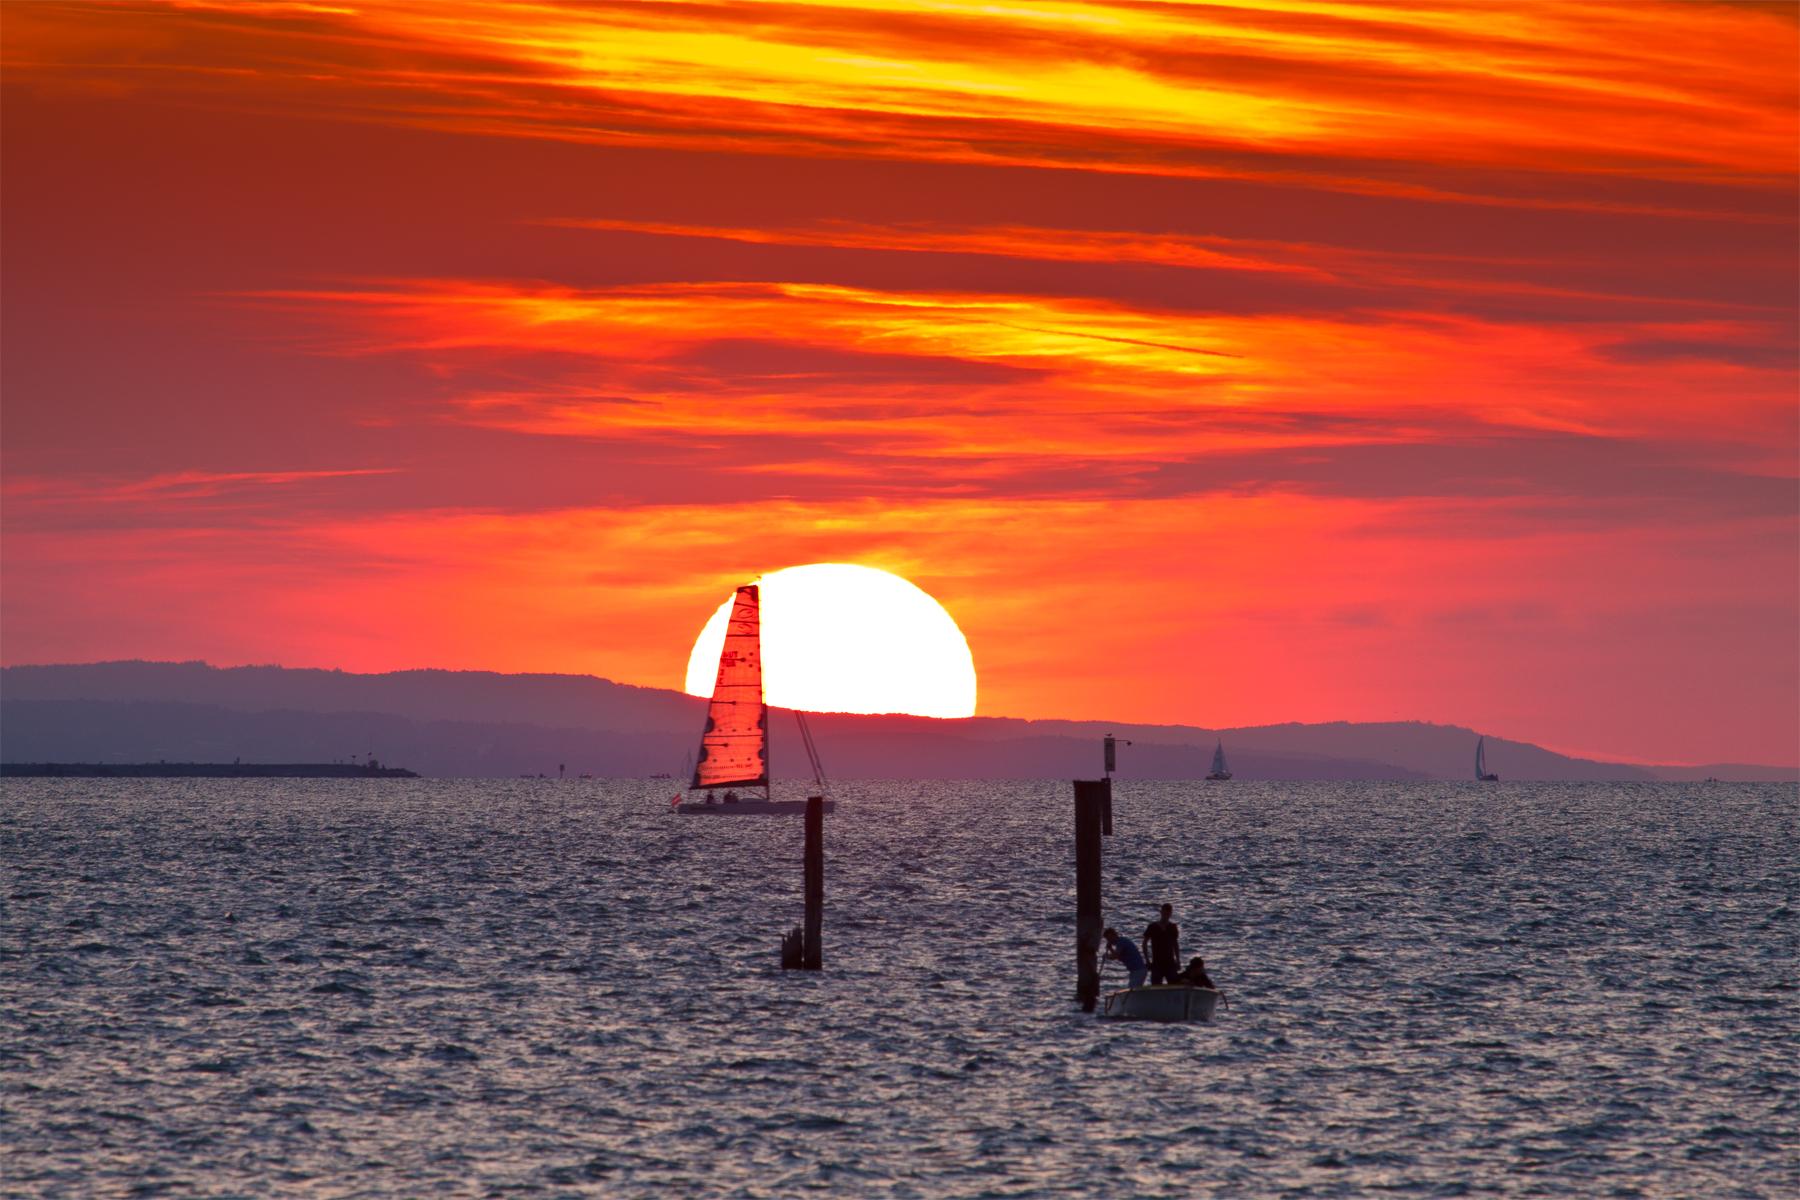 Leuchtendes Segel im Sonnenuntergang